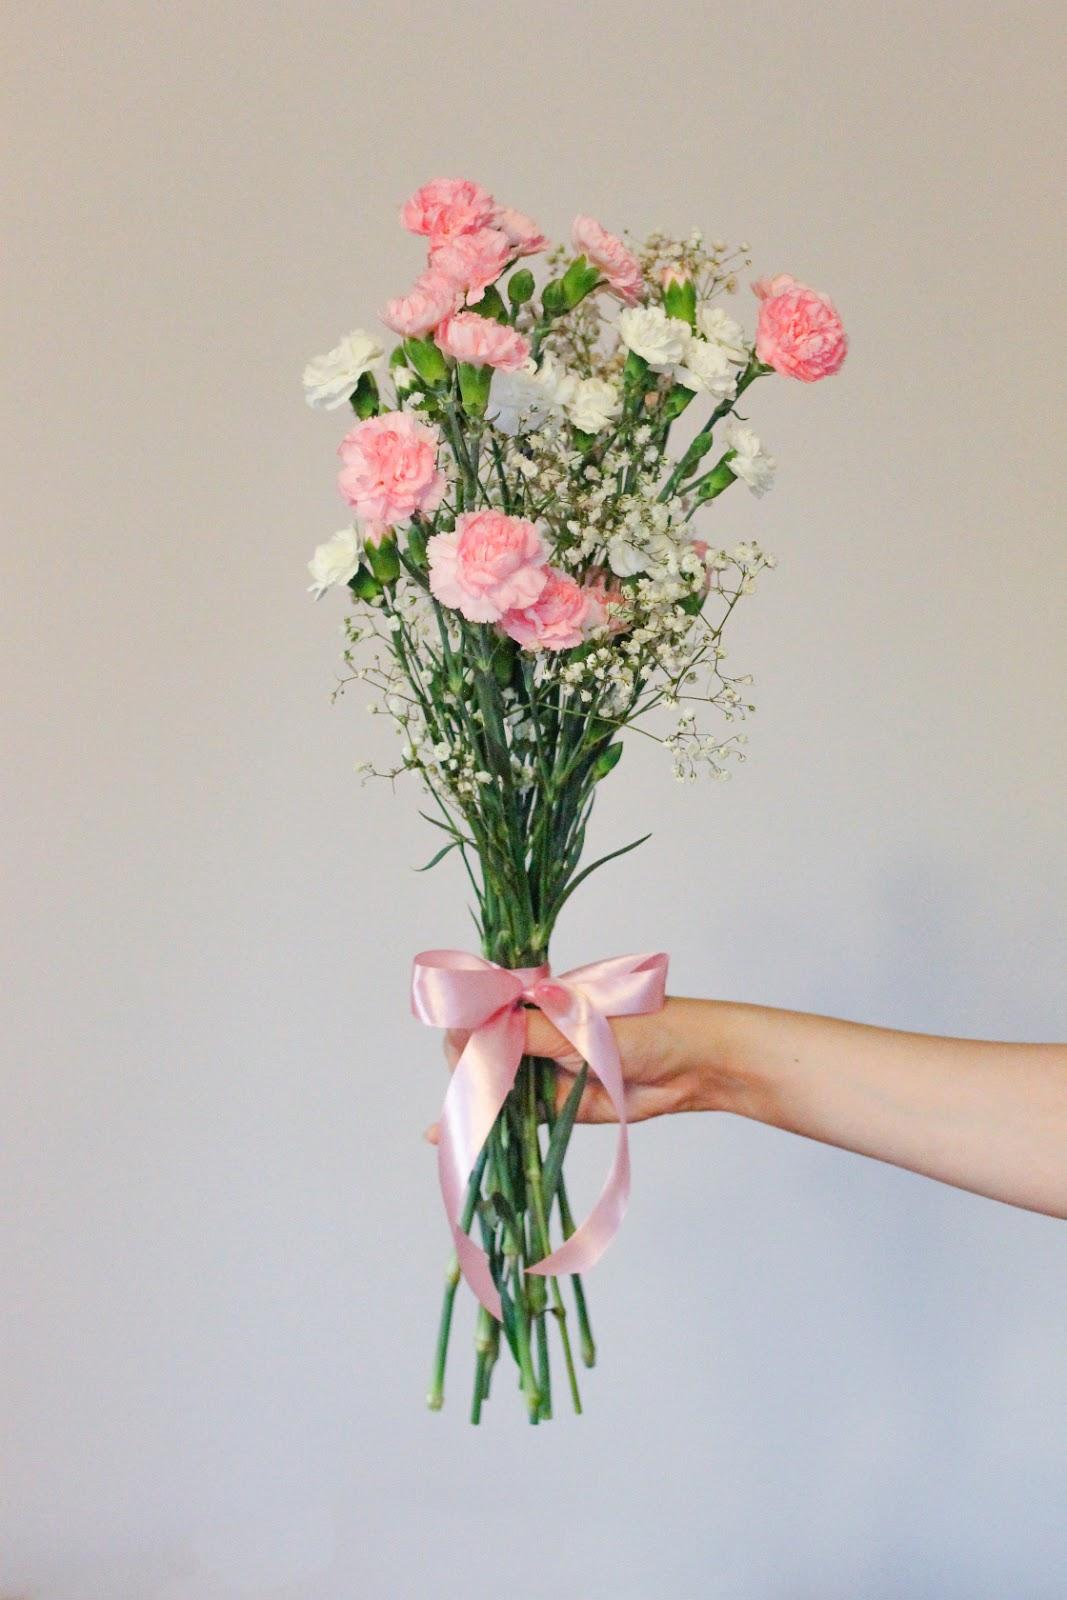 kwiaty%2Bkobieta%2Bbi%25C5%25BCuteria%2B